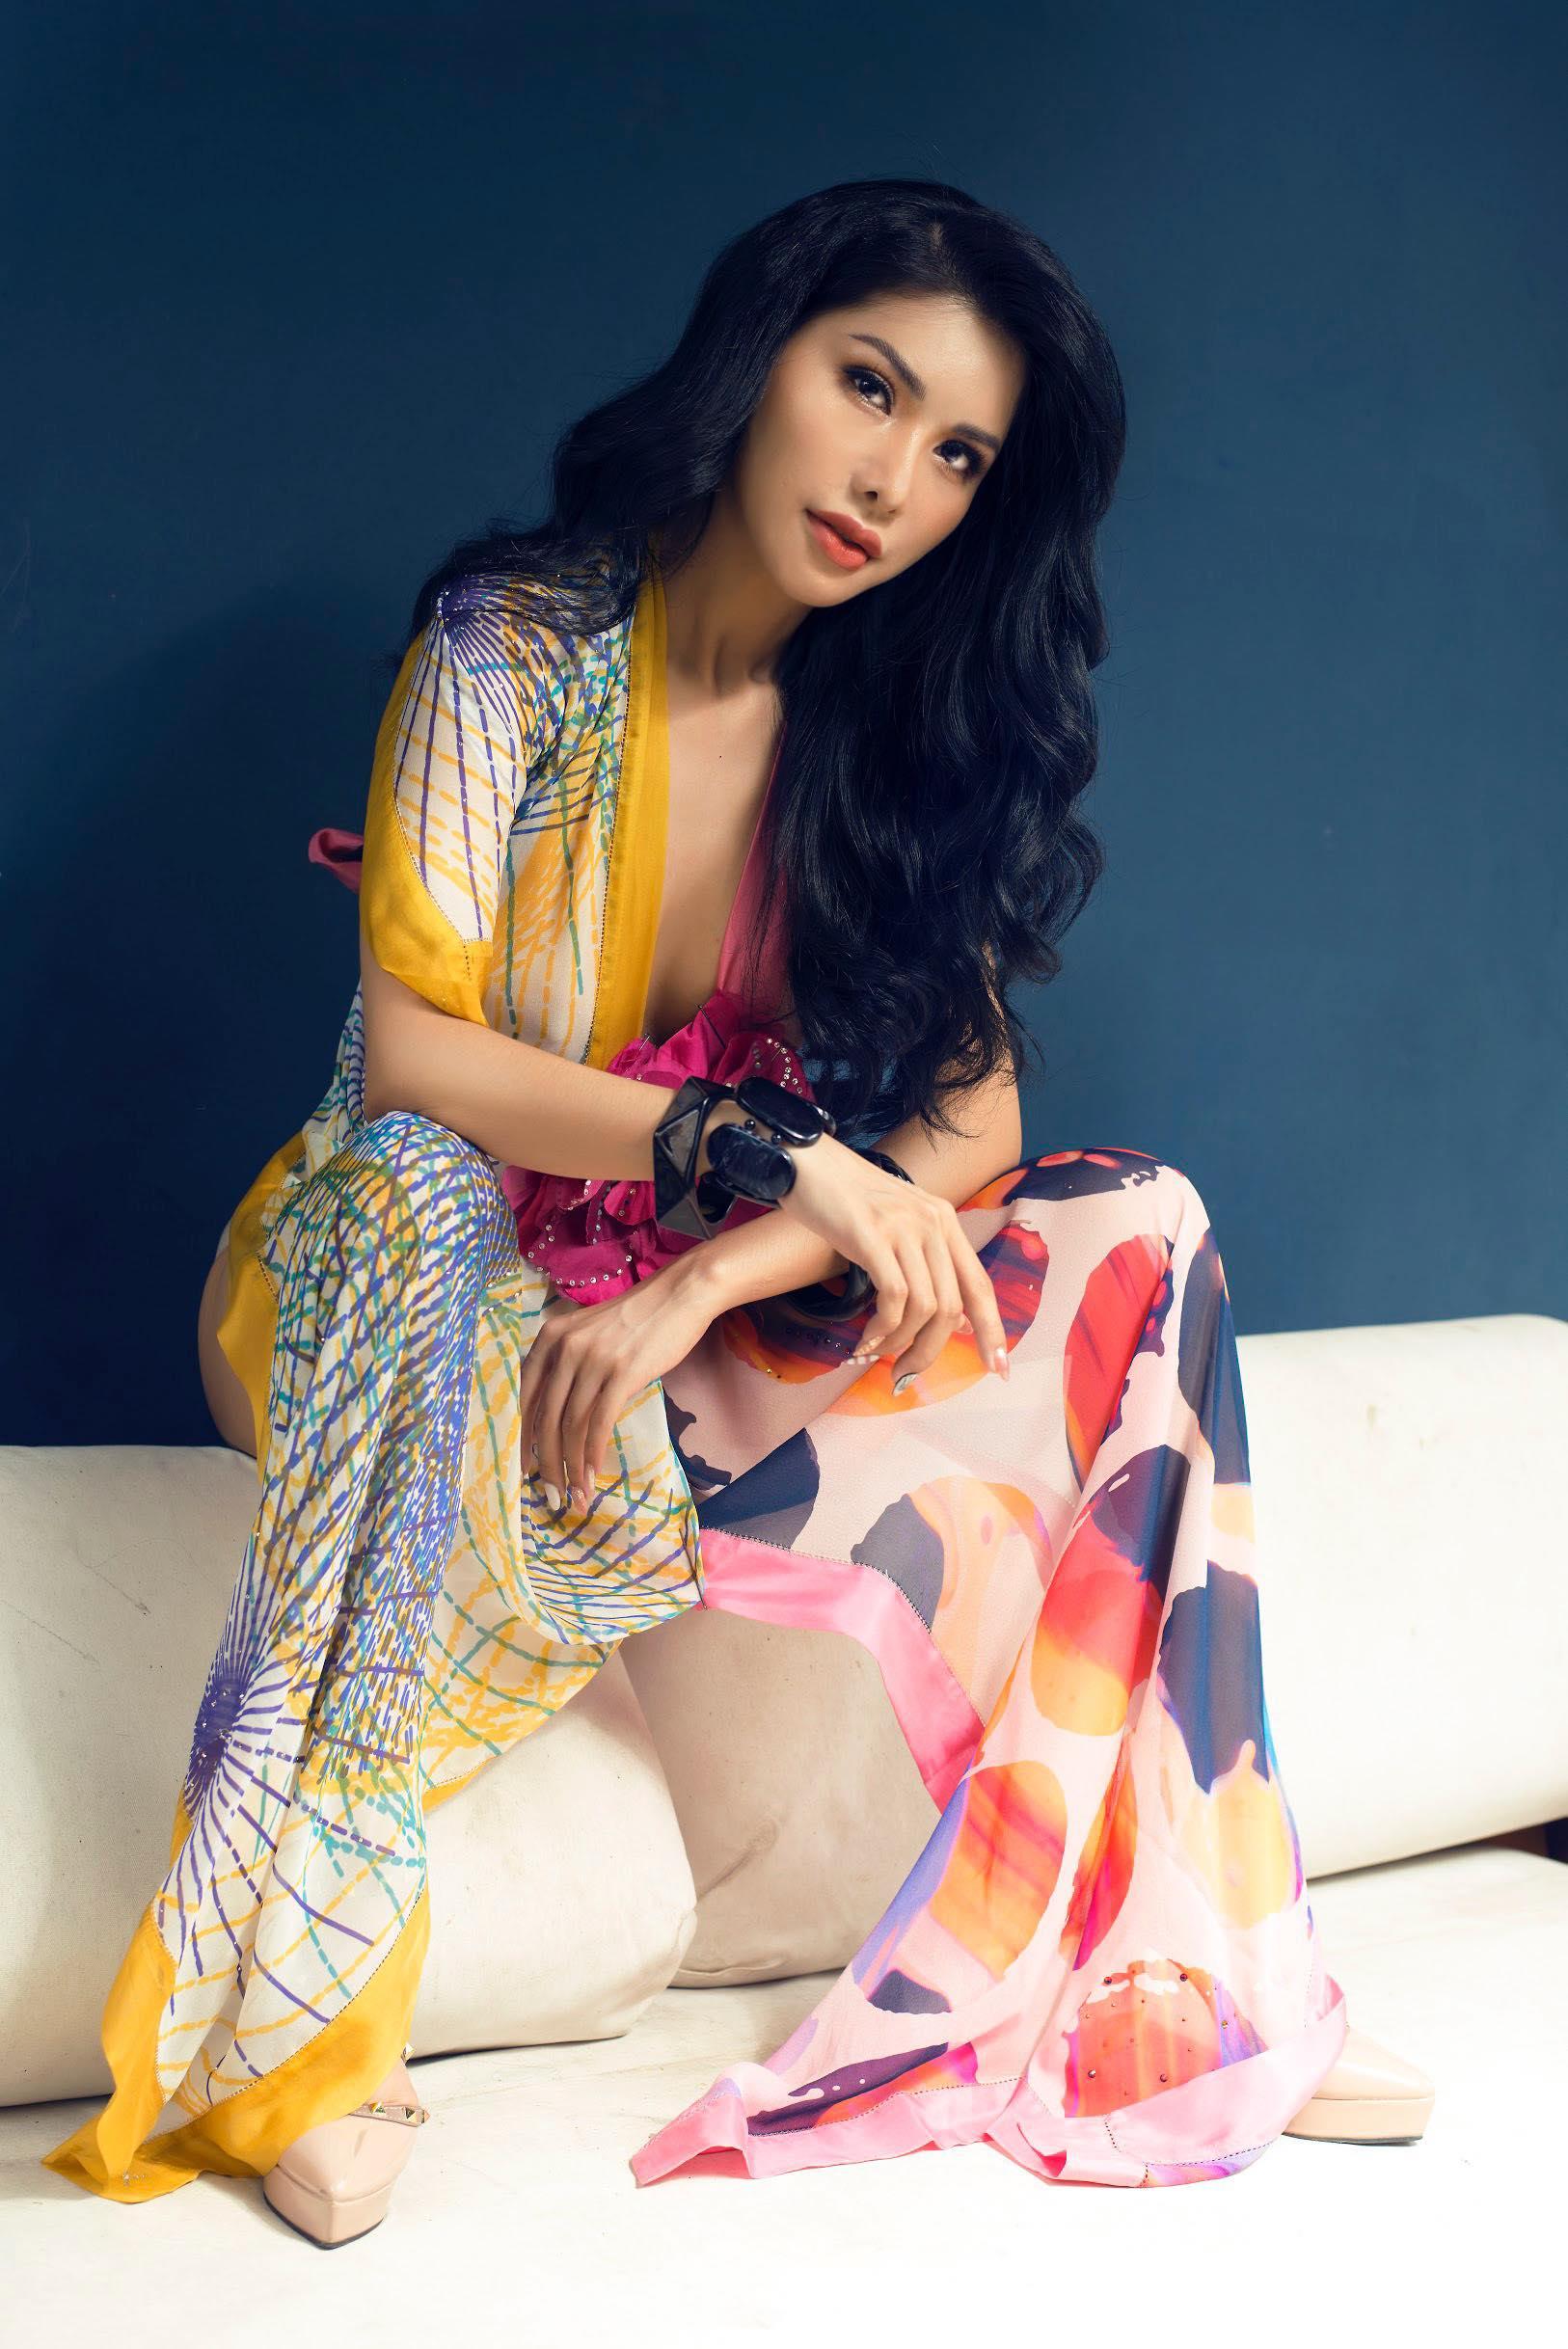 Vẻ đẹp vạn người mê của nữ tiếp viên hàng không Vietnam Airlines trong bộ ảnh mới 4